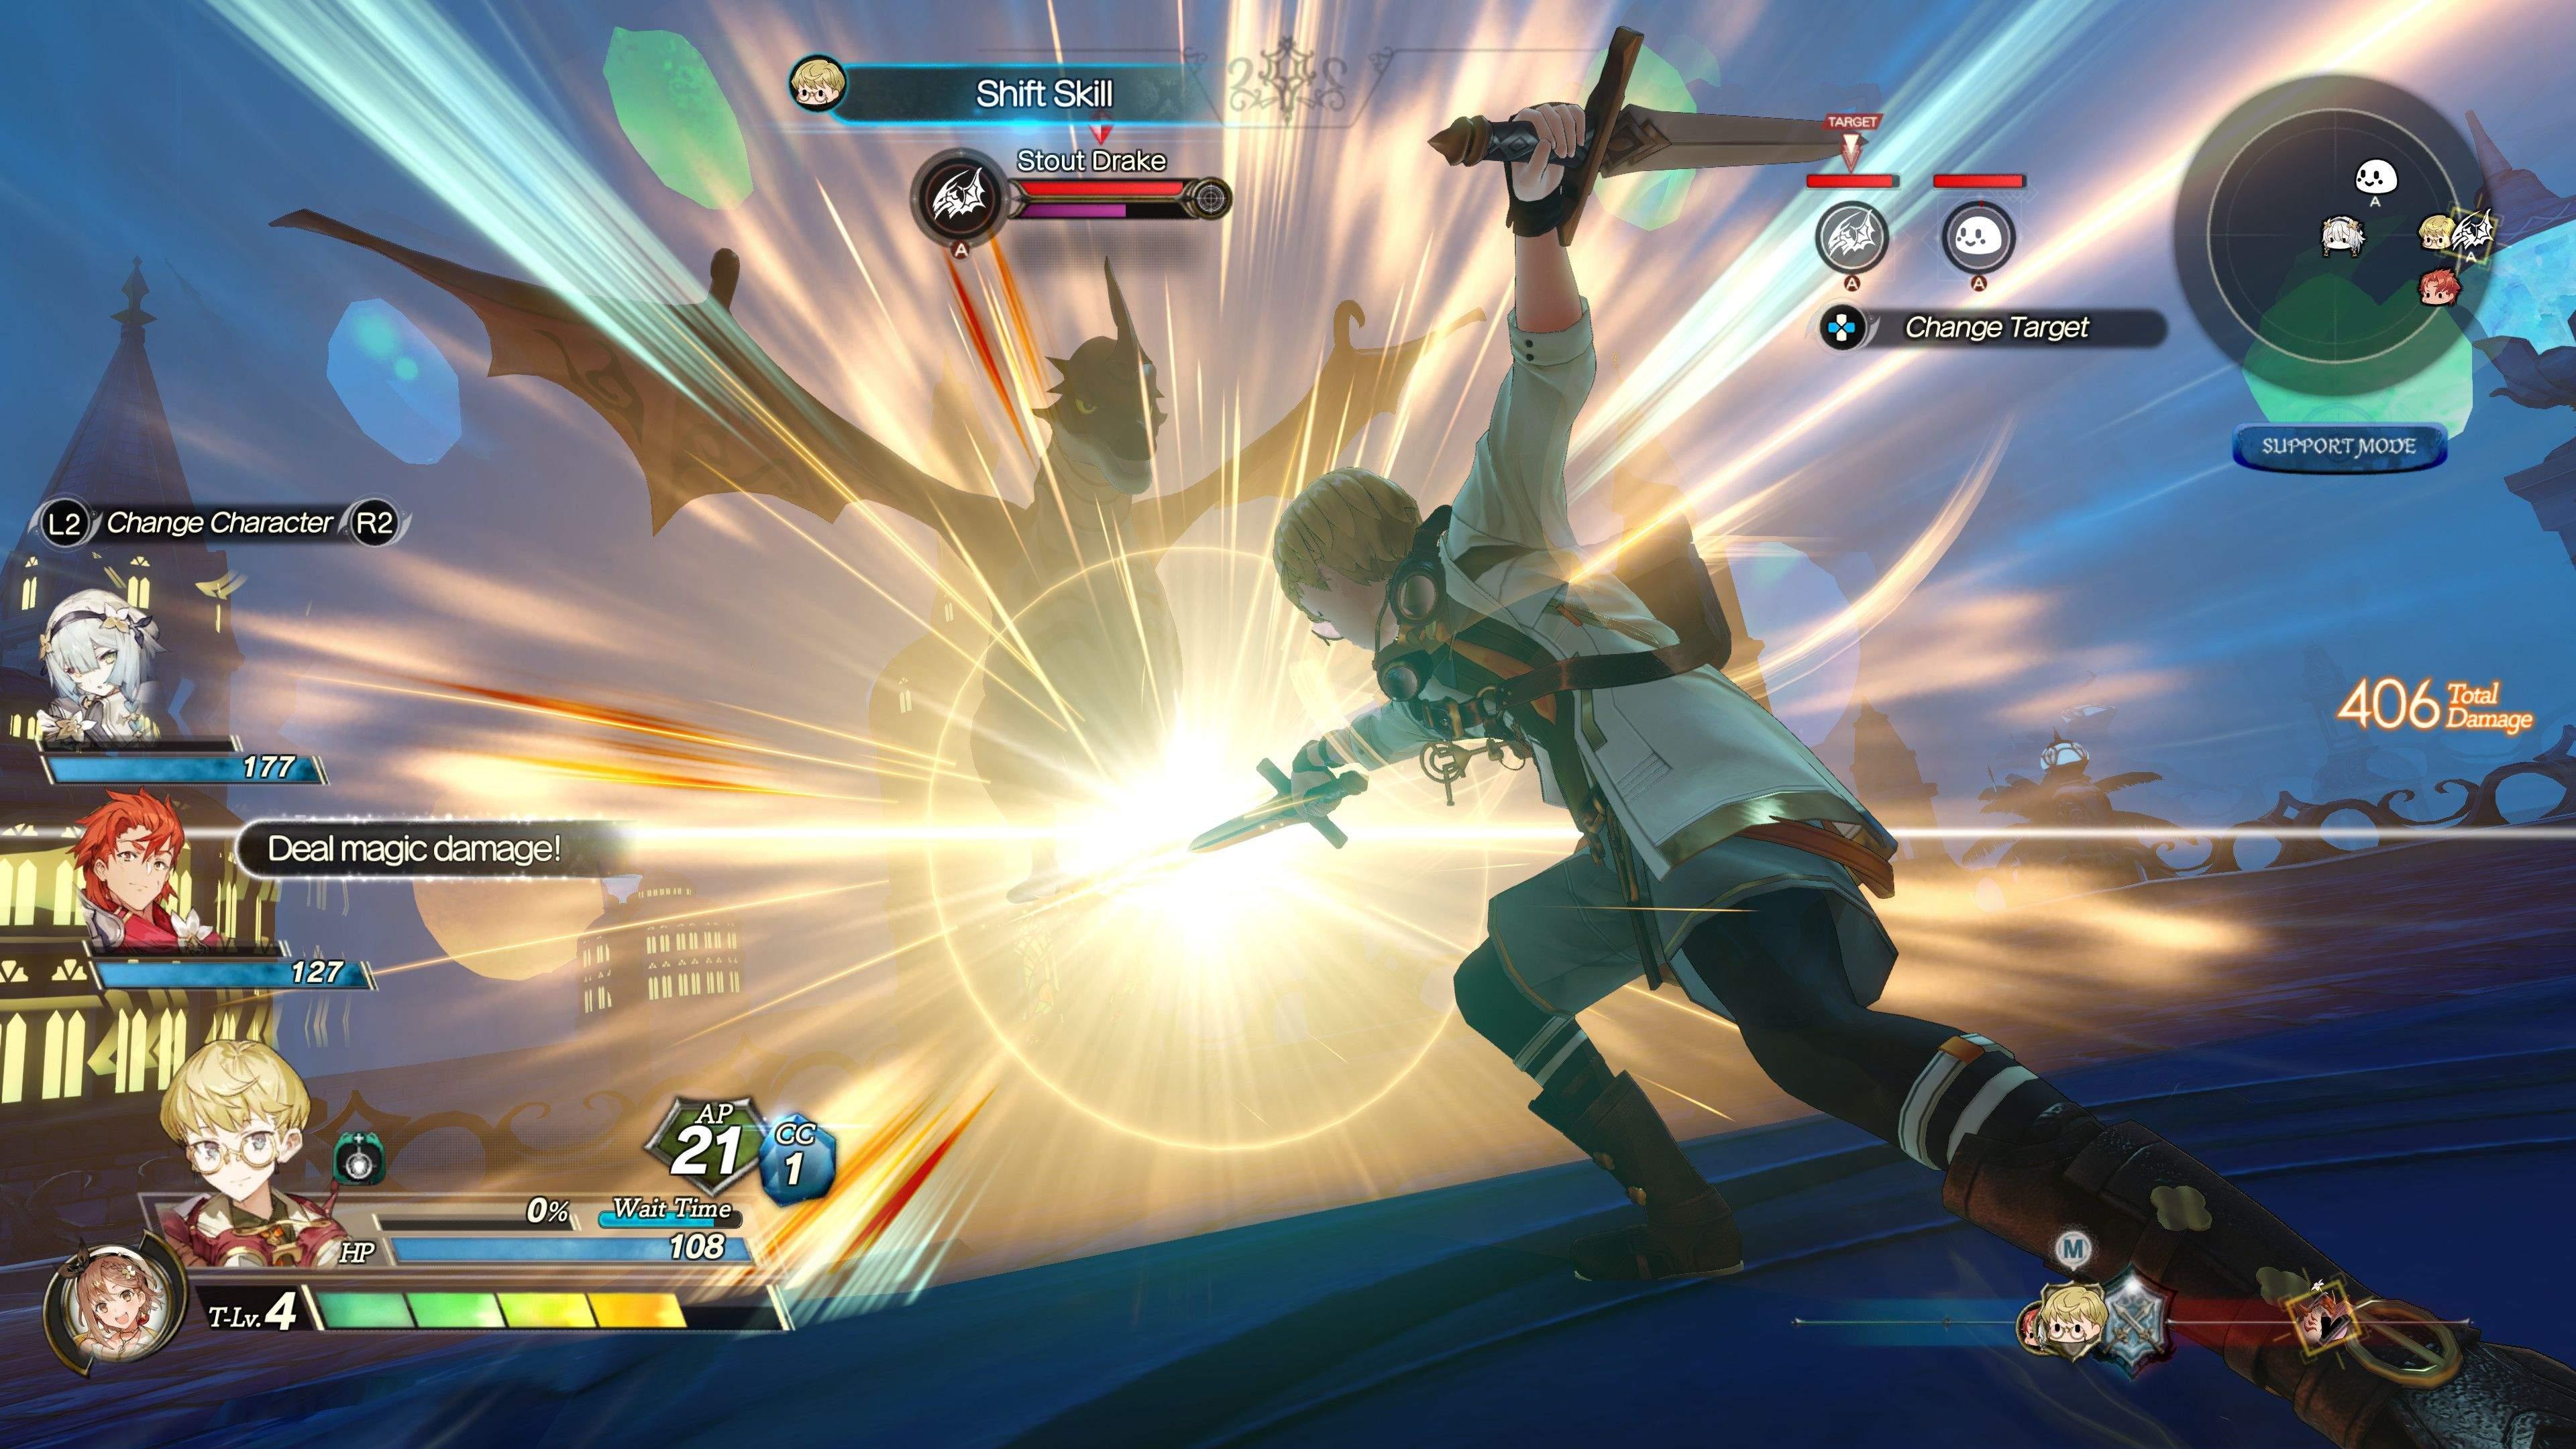 Atelier Ryza 2: Lost Legends & the Secret Fairy in arrivo in europa a gennaio 2021